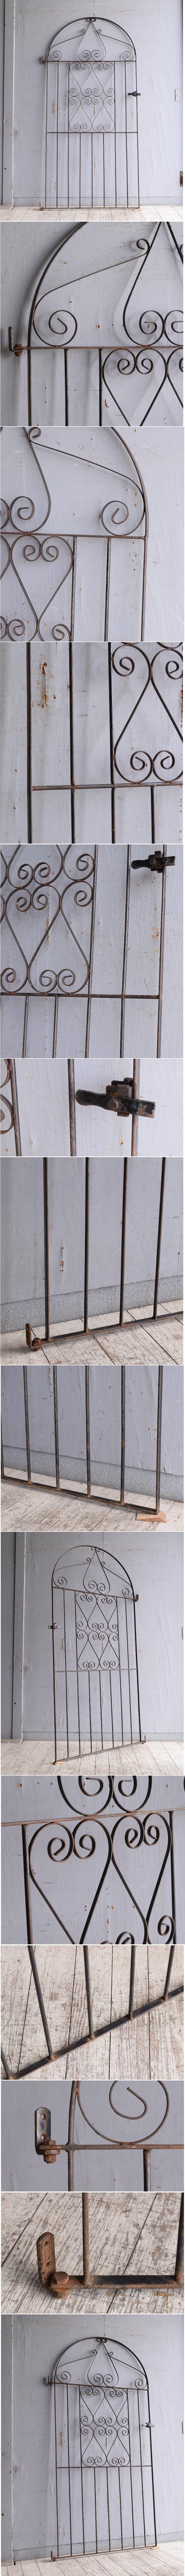 イギリスアンティーク アイアンフェンス ゲート柵 ガーデニング 10191